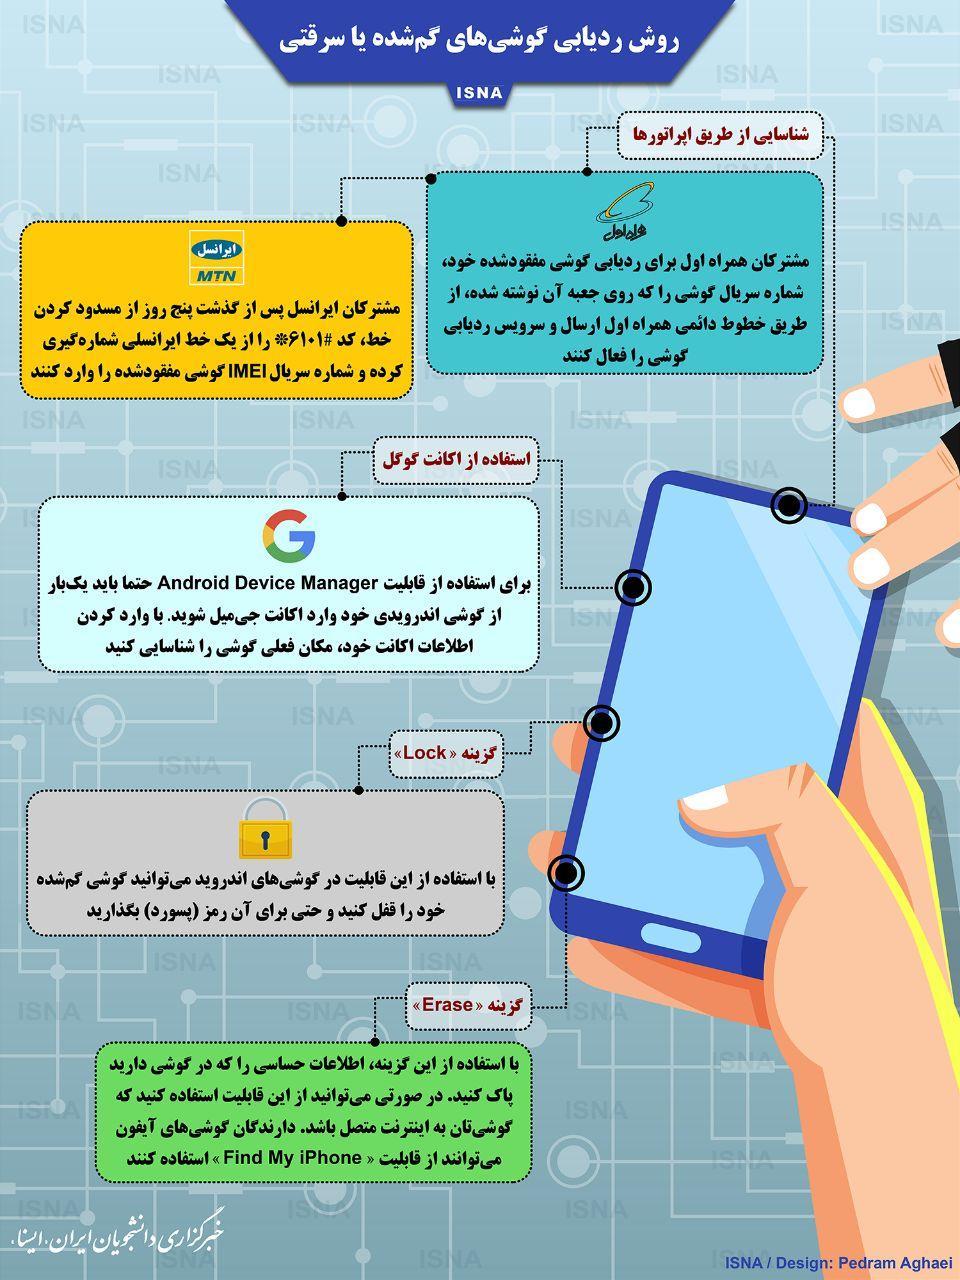 اینفوگرافیک|گوشیهای سرقتی را چگونه ردیابی کنیم؟